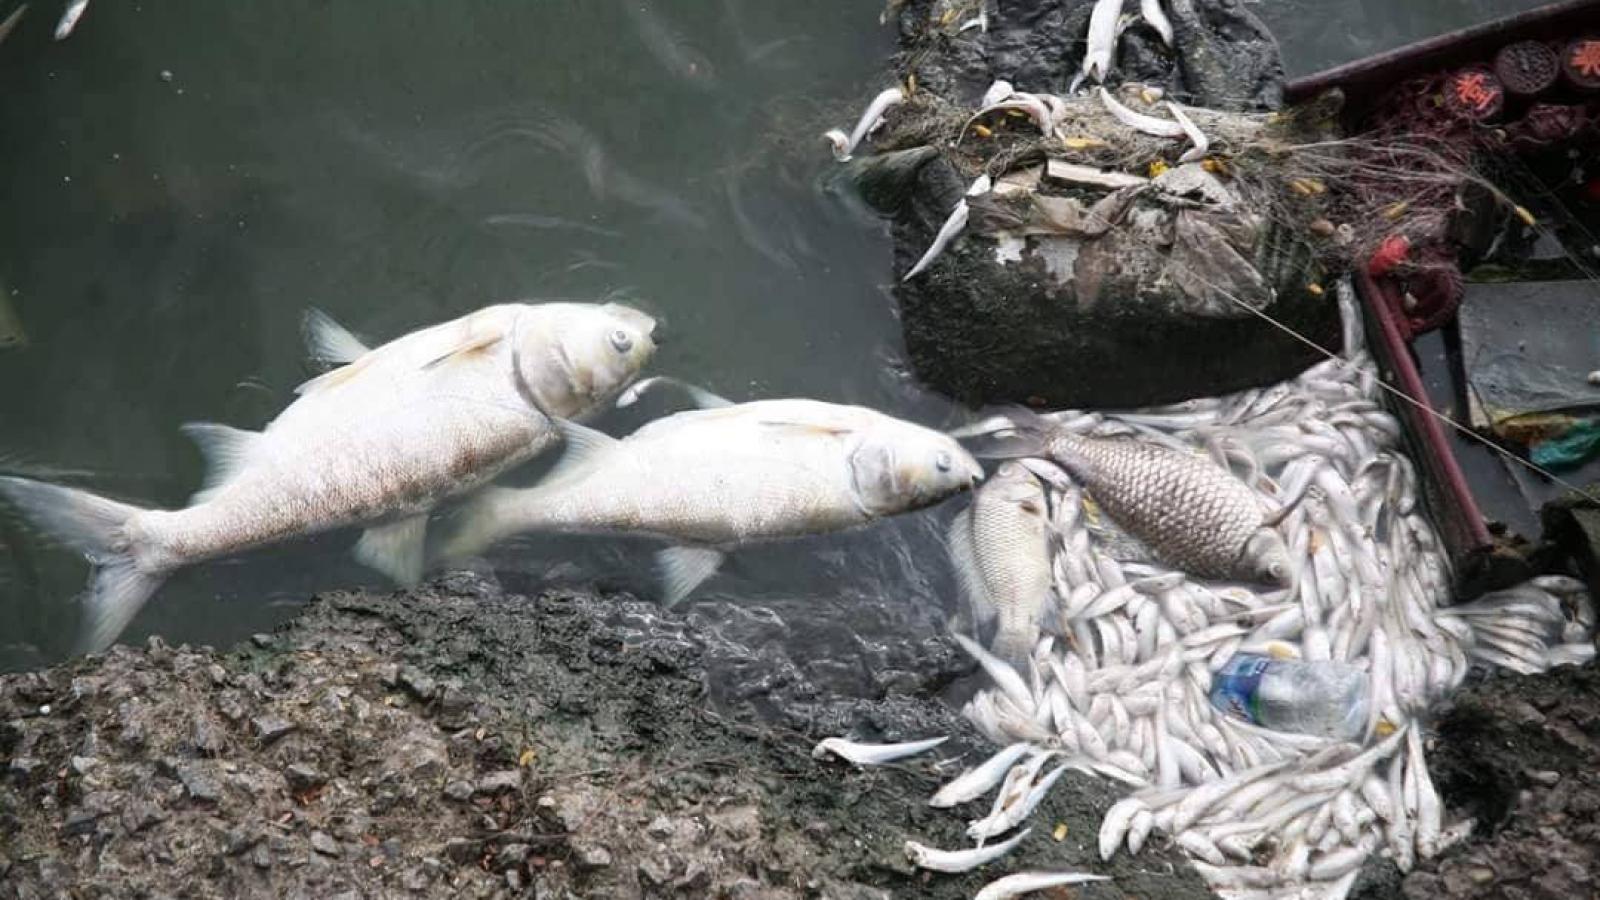 Cơ quan công an cần vào cuộc vụ cá chết ở vùng biển Thanh Hóa